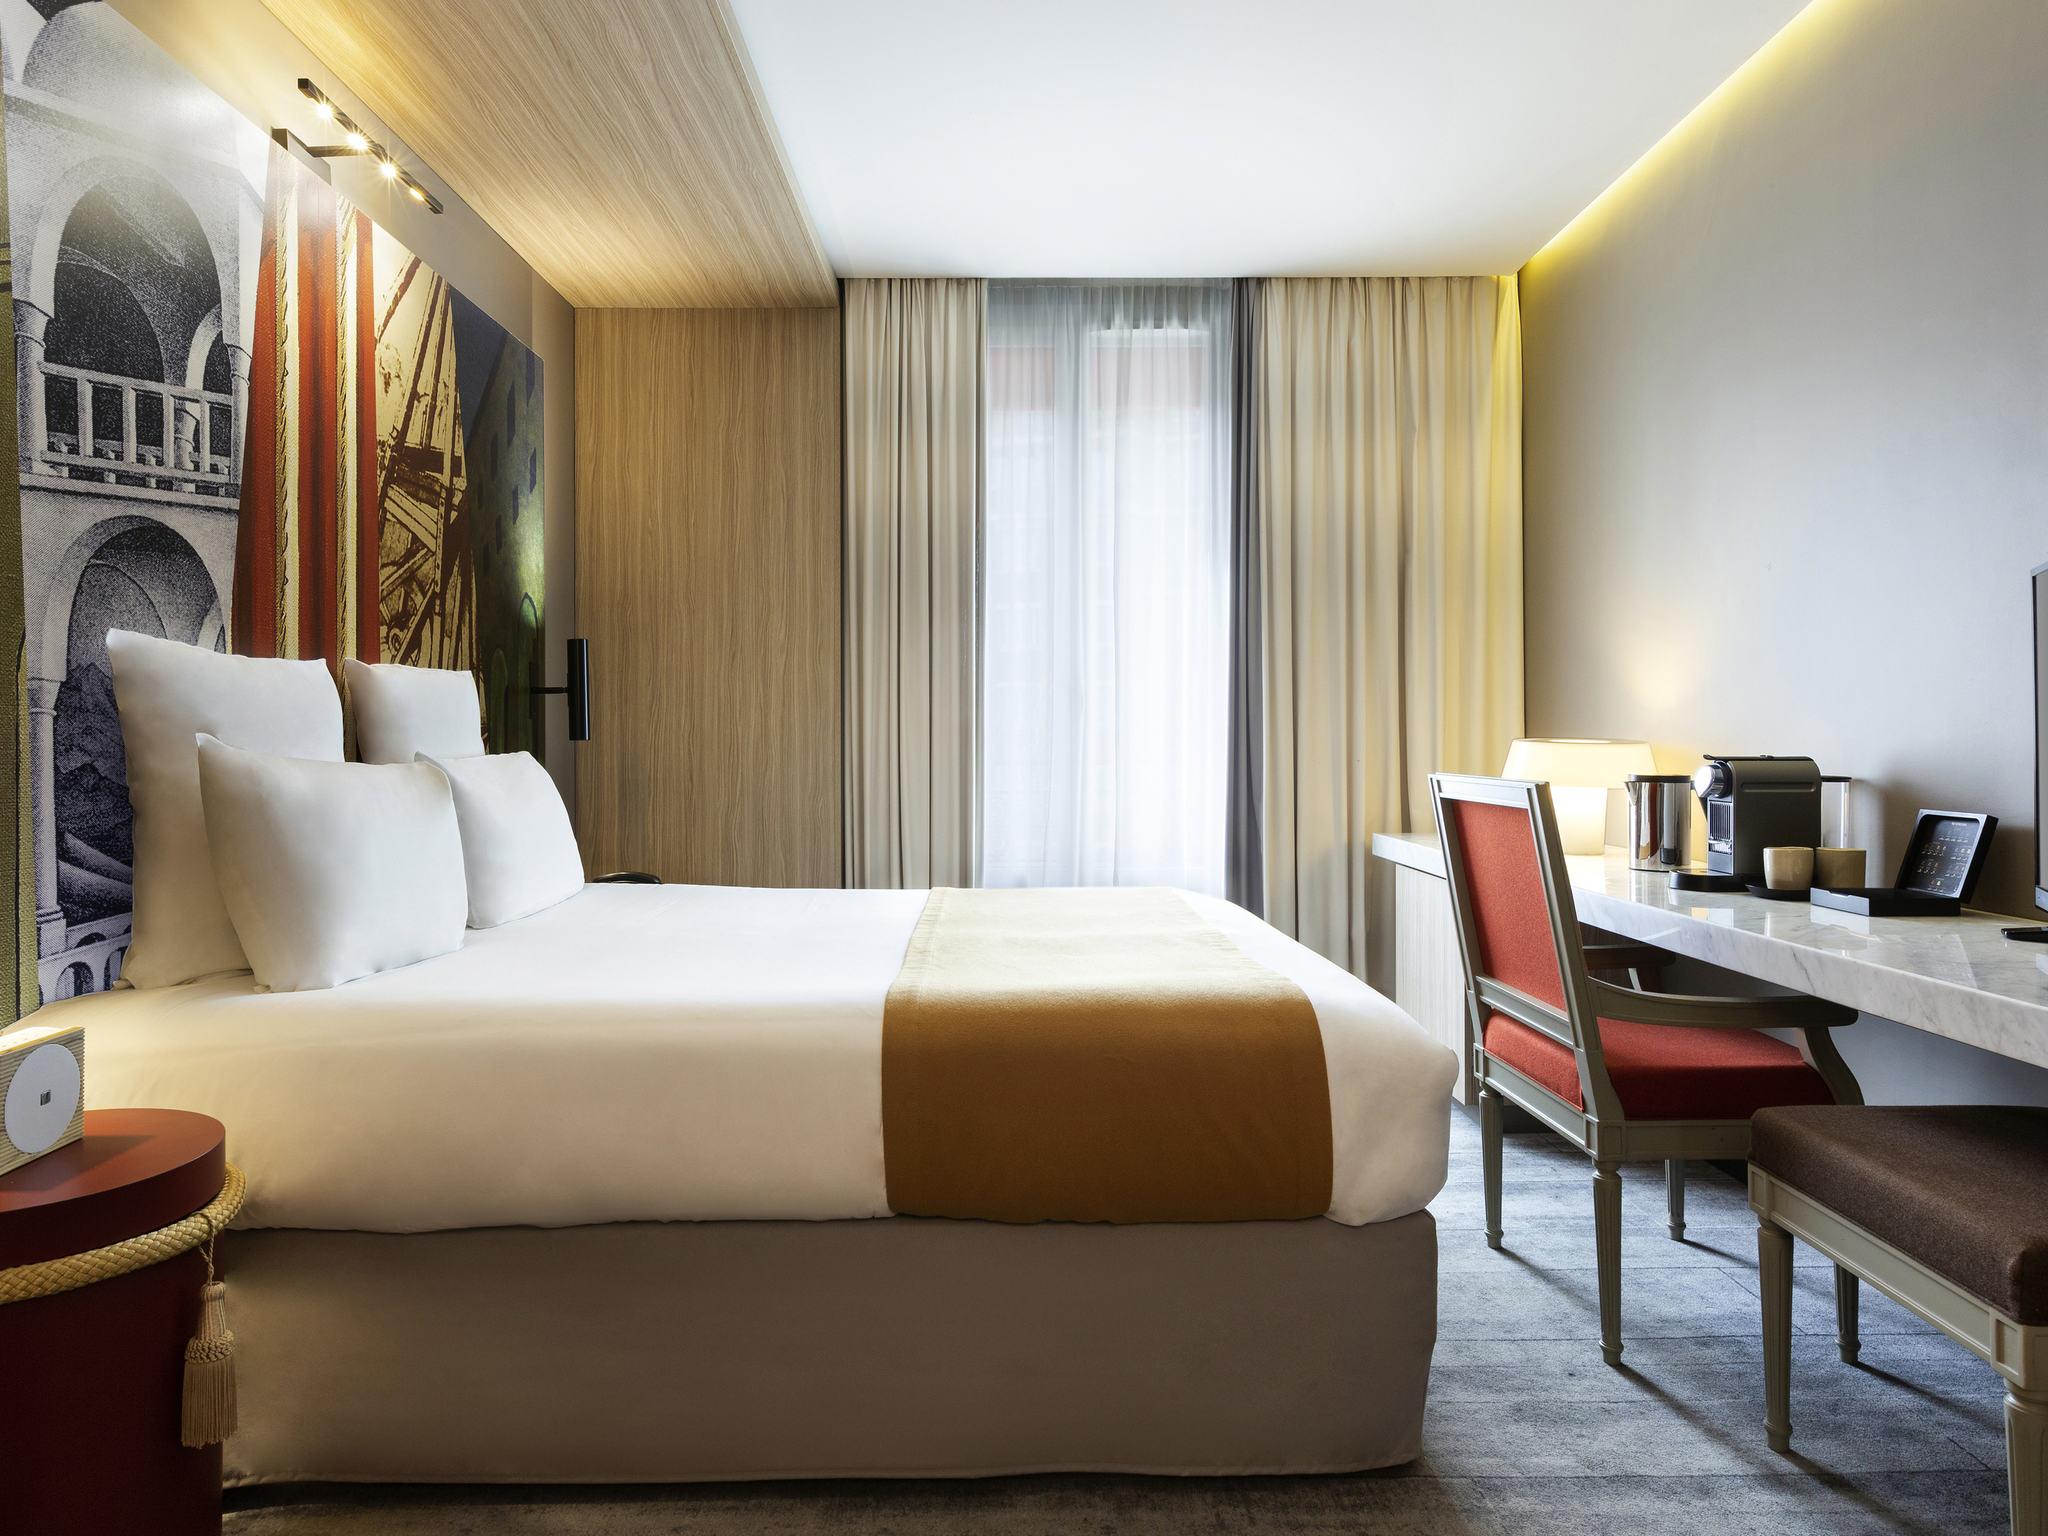 โรงแรม – โรงแรมเมอร์เคียว ปารีส อเลเซีย